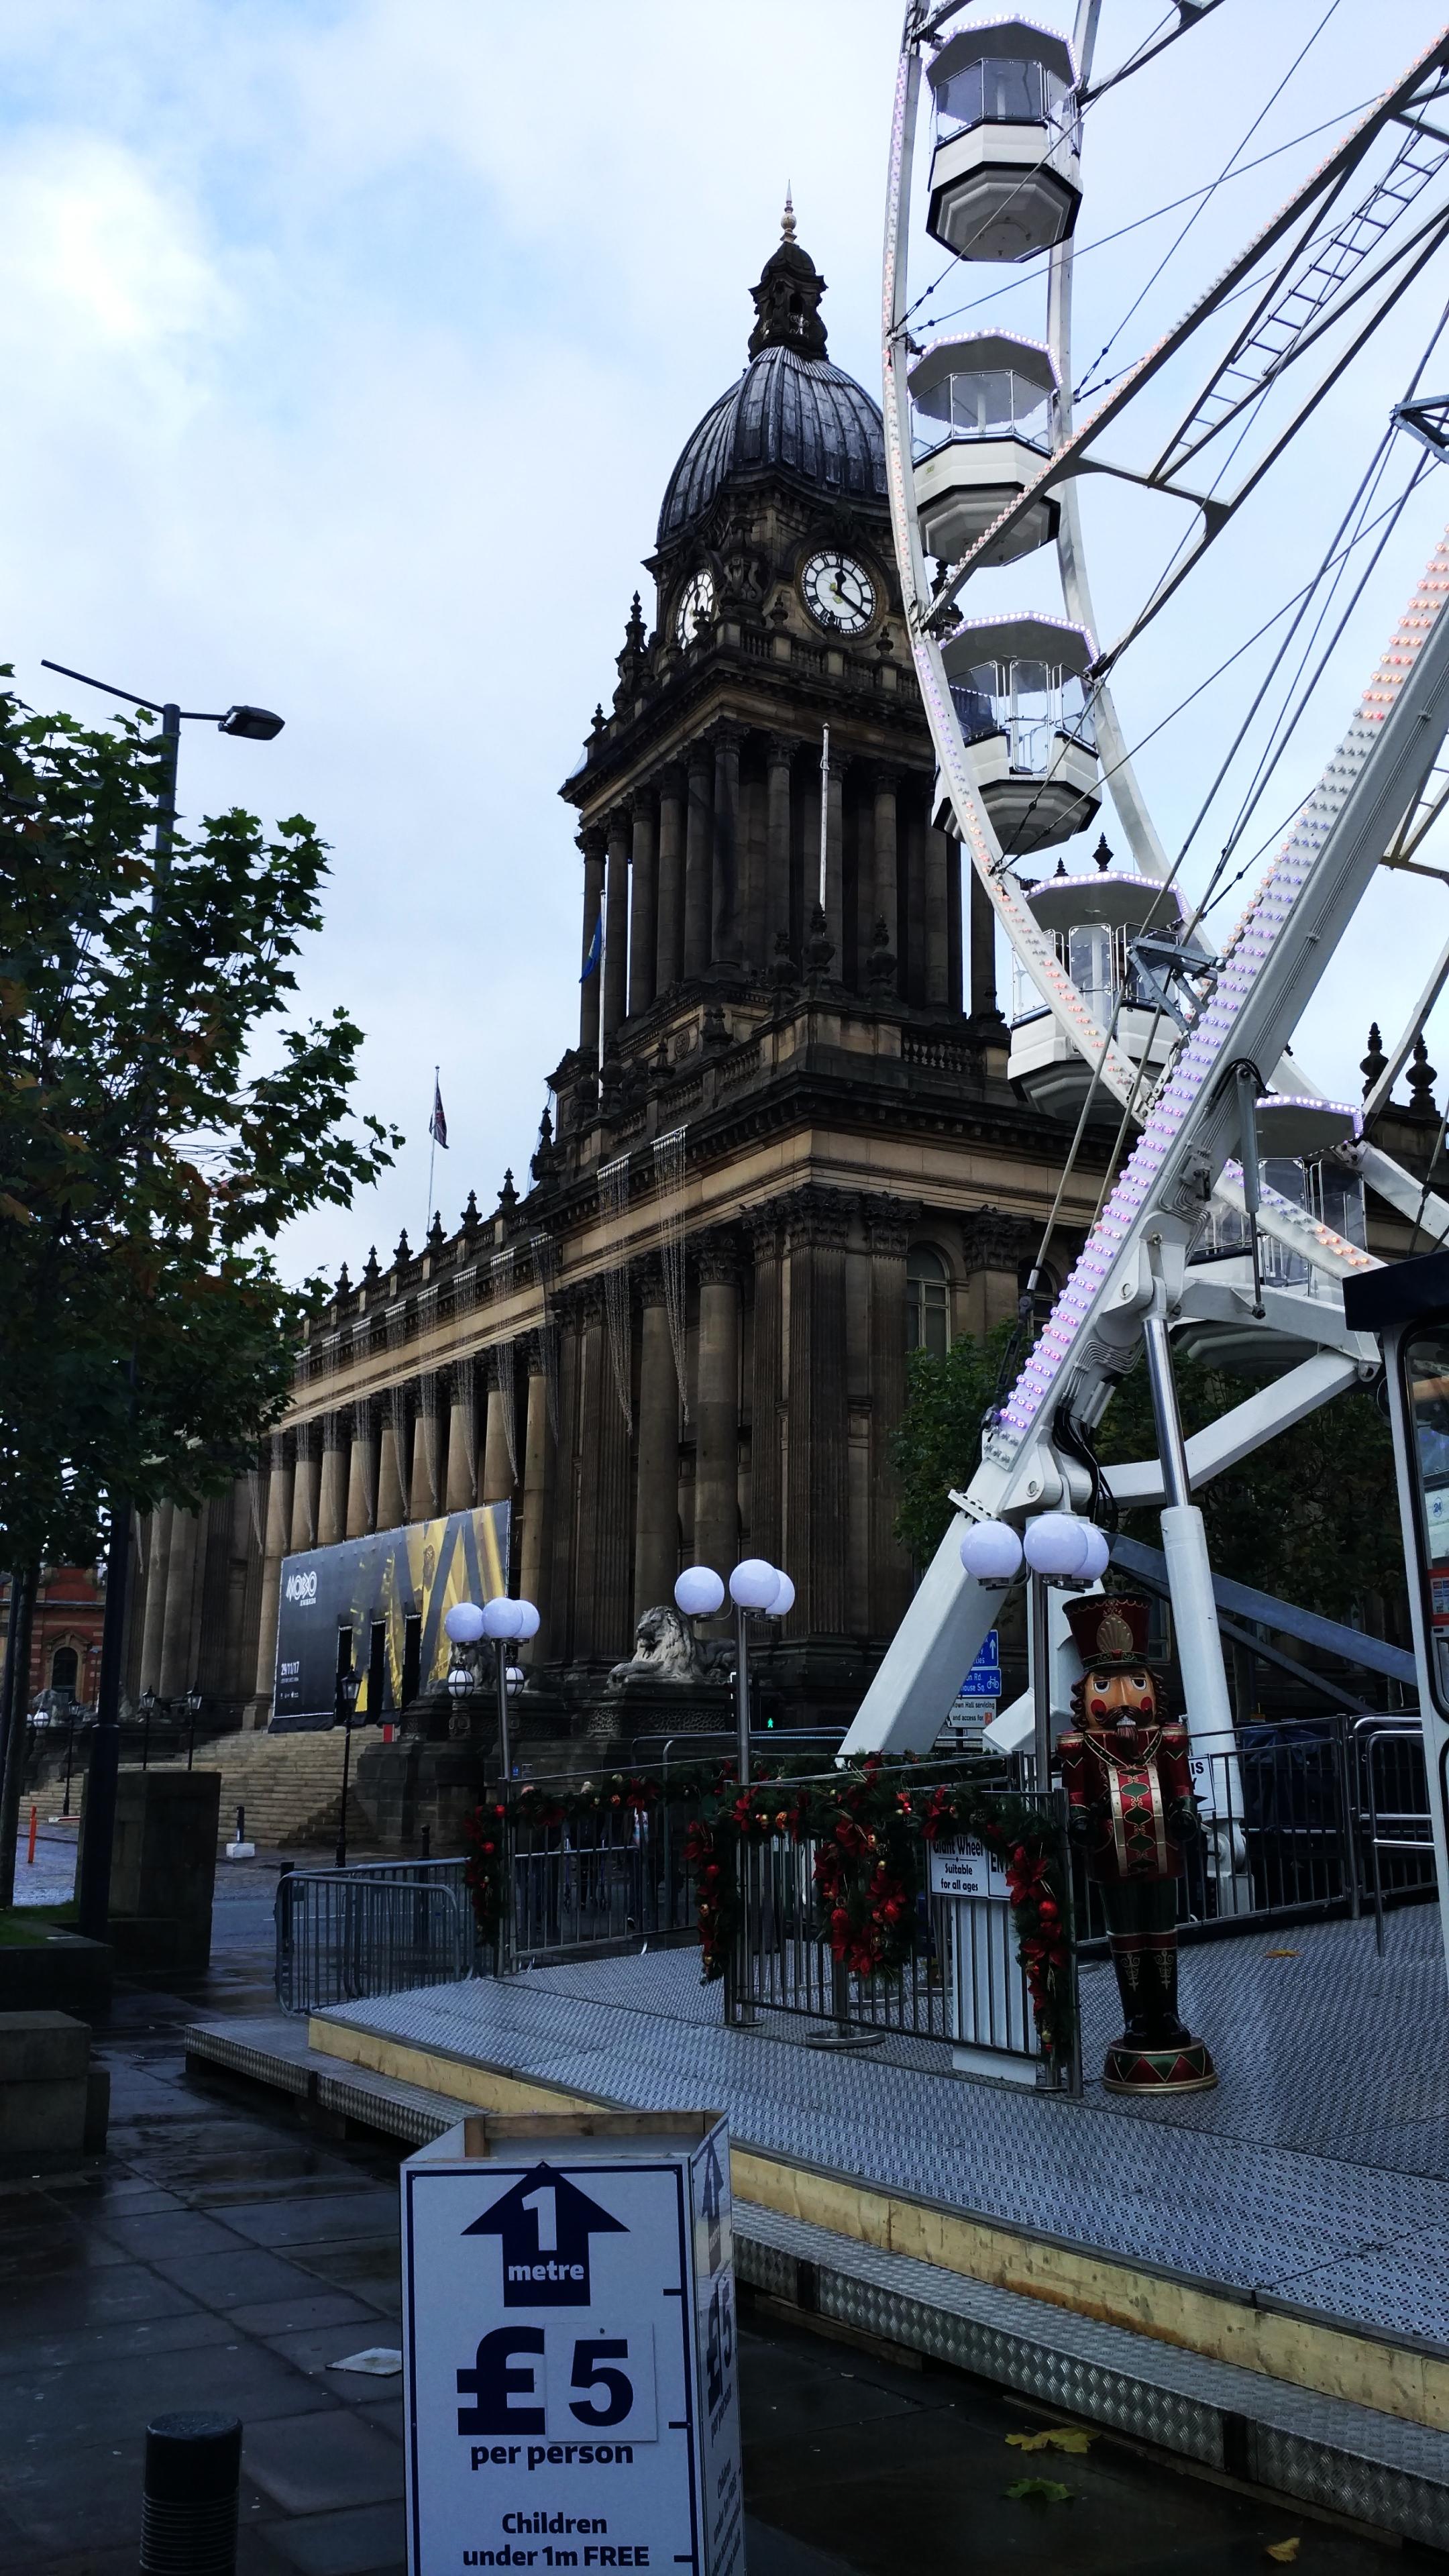 Leeds városháza